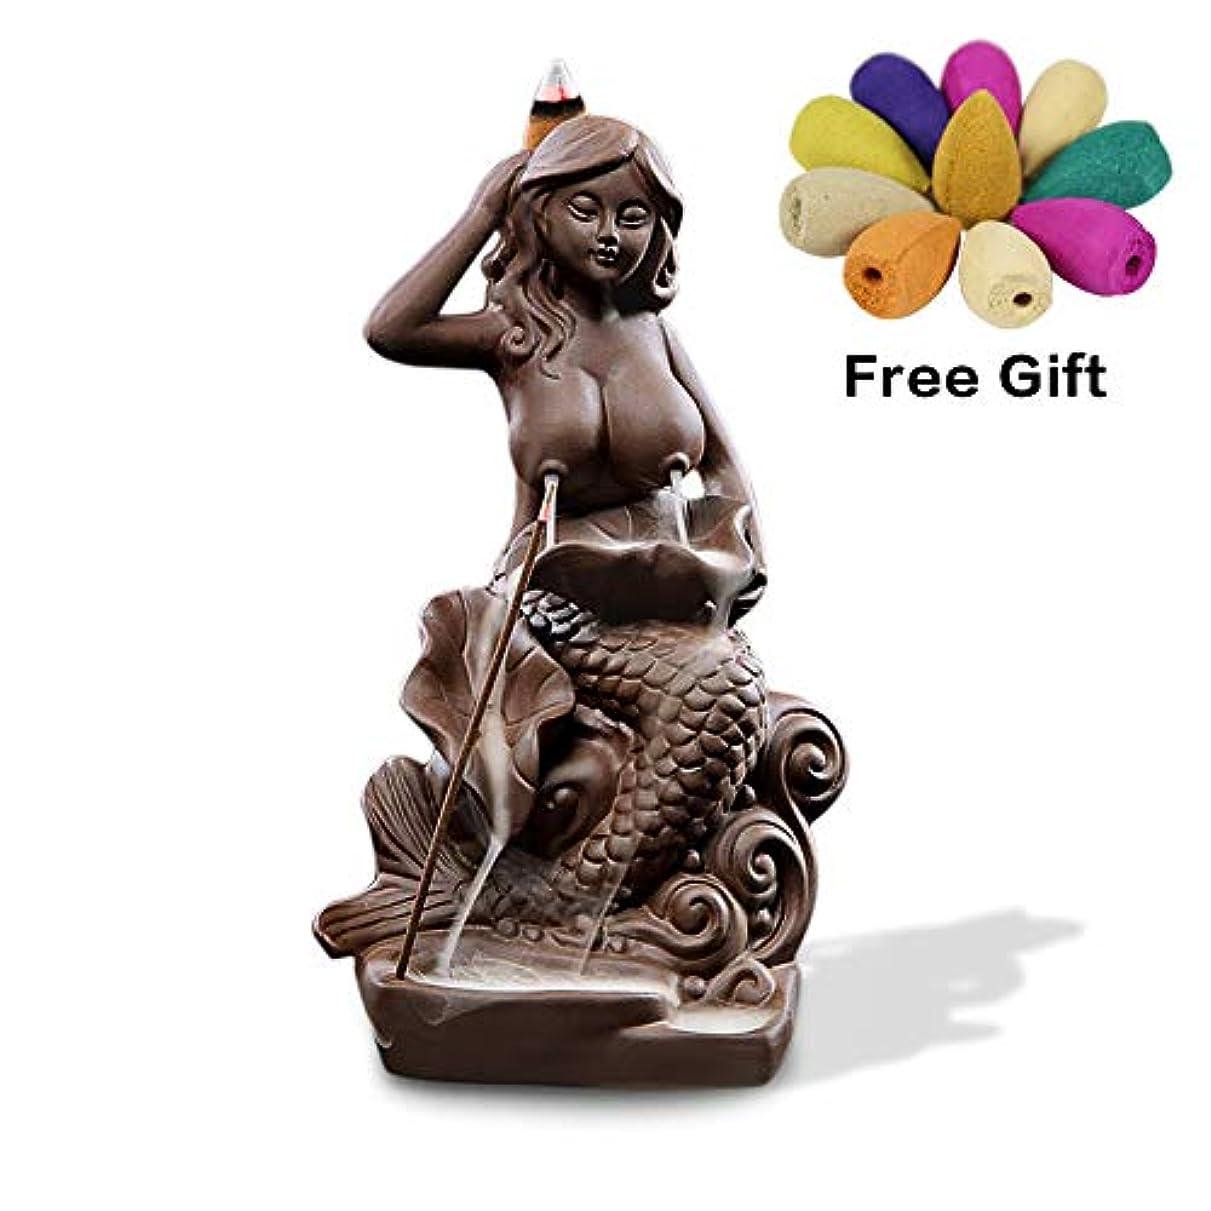 実質的光のエンジニアリング(Style9) - OTOFY Mermaid Ceramic Incense Holder Backflow Incense Burner with 10 Incense Cones Artwork Home Decor...